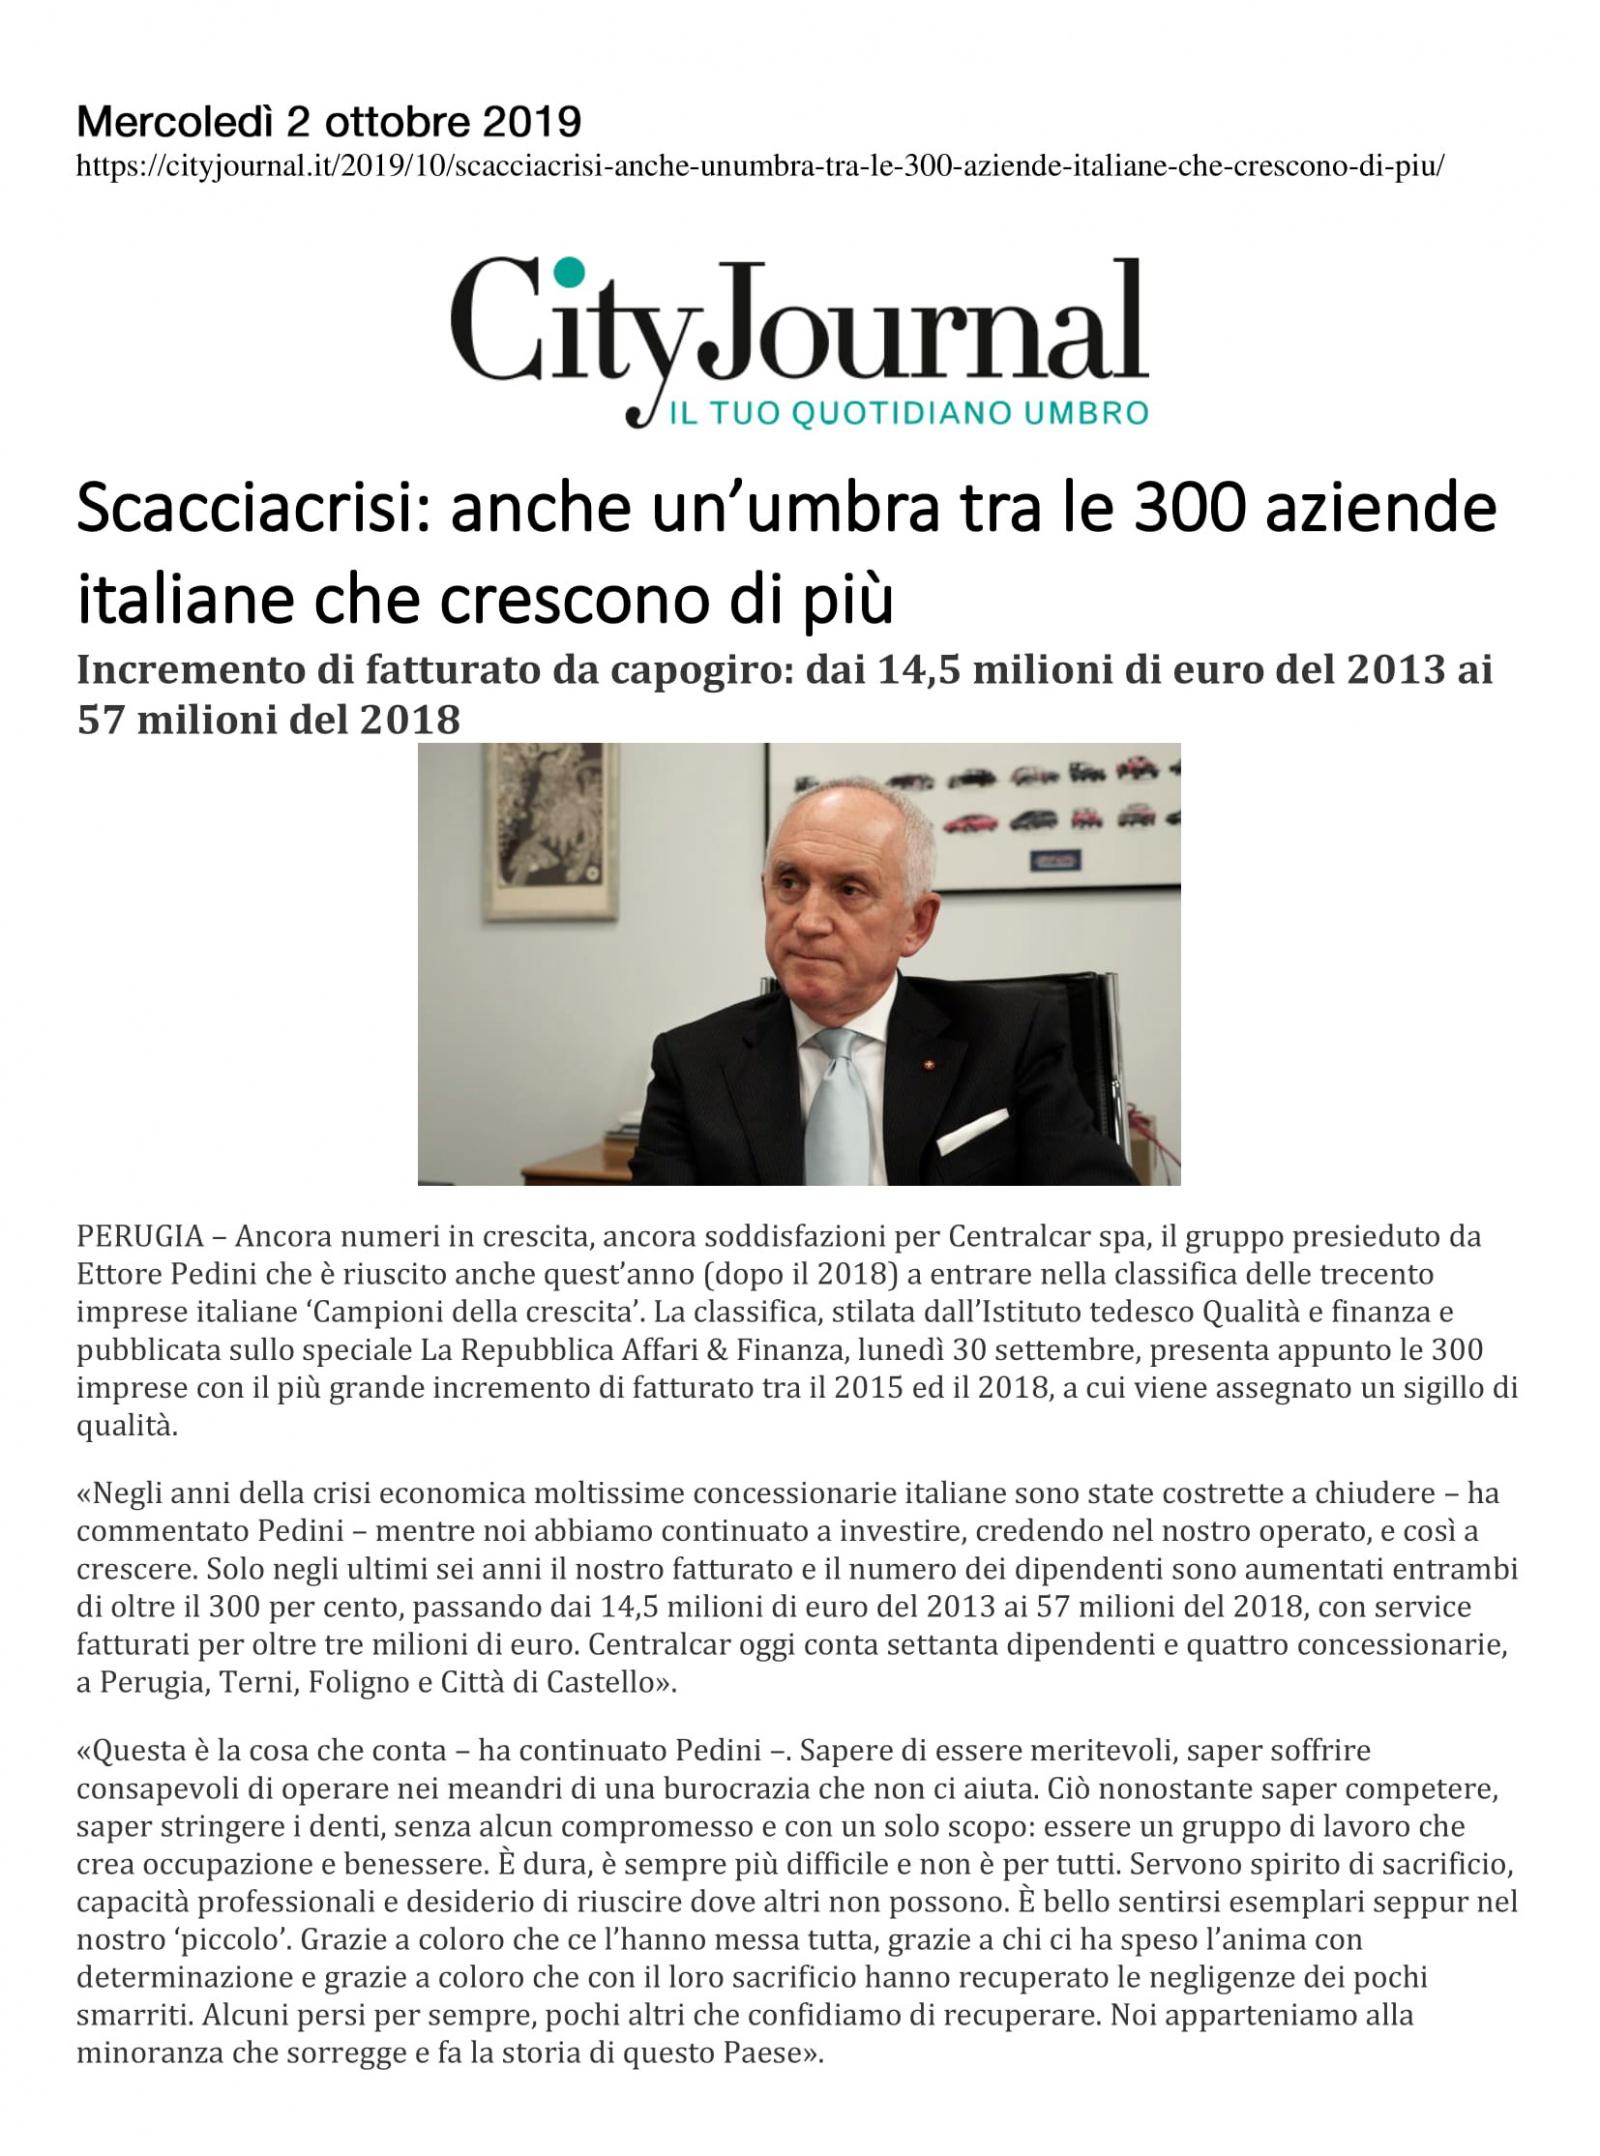 Scacciacrisi: anche un'umbra tra le 300 aziende italiane che crescono di più